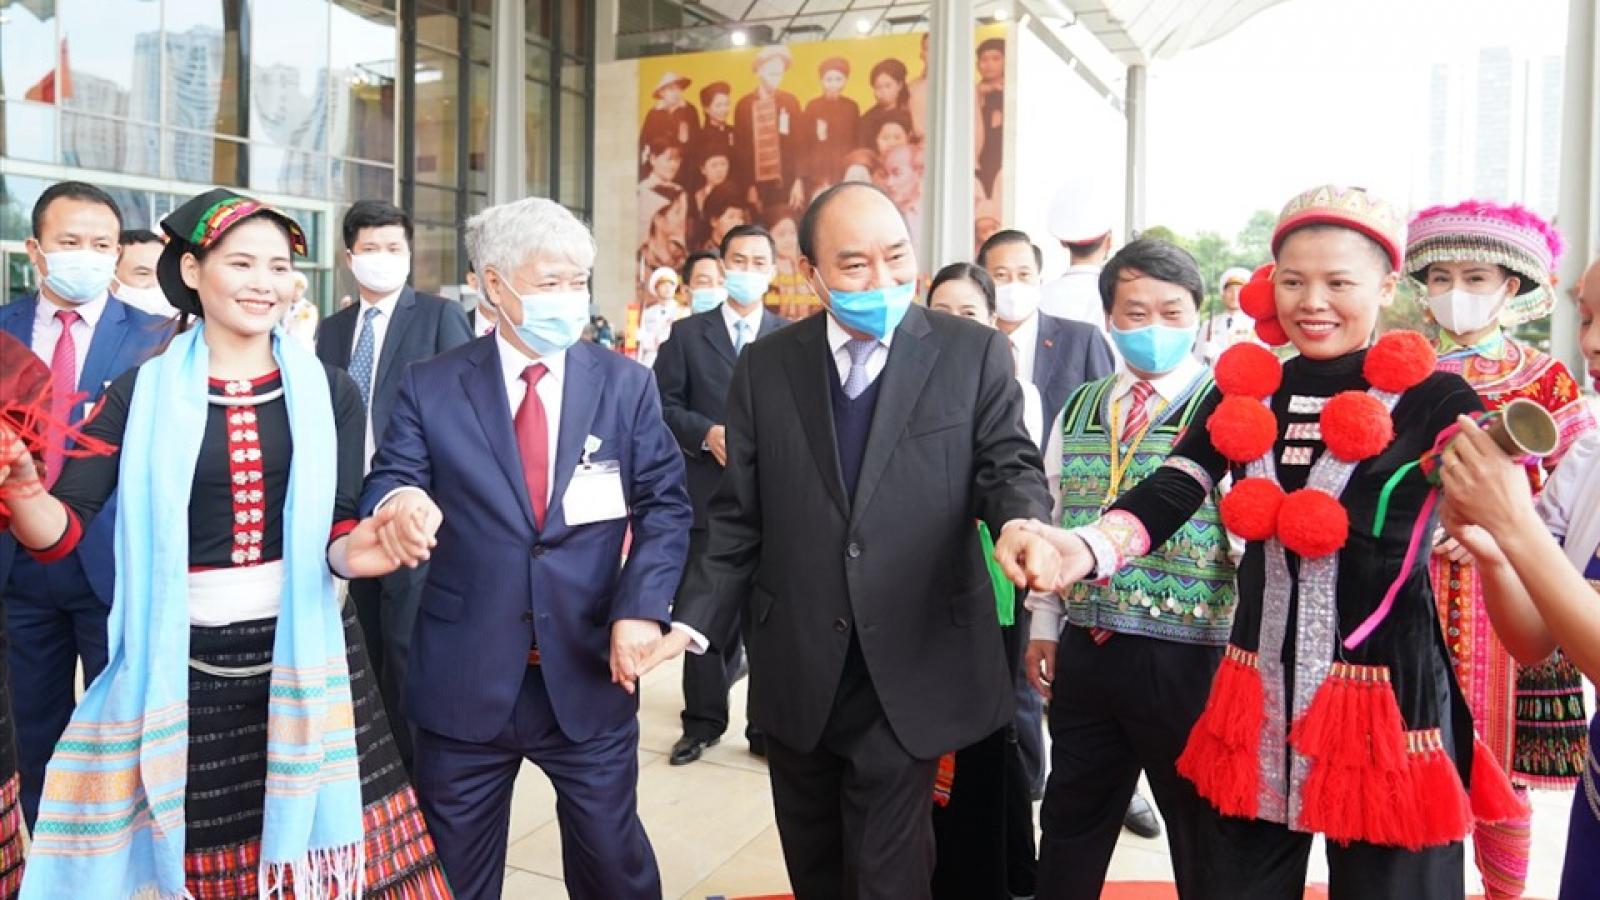 Đại hội đại biểu các dân tộc thiểu số Việt Nam lầnII: Hòa vào dòng chảy 54 dân tộc anh em